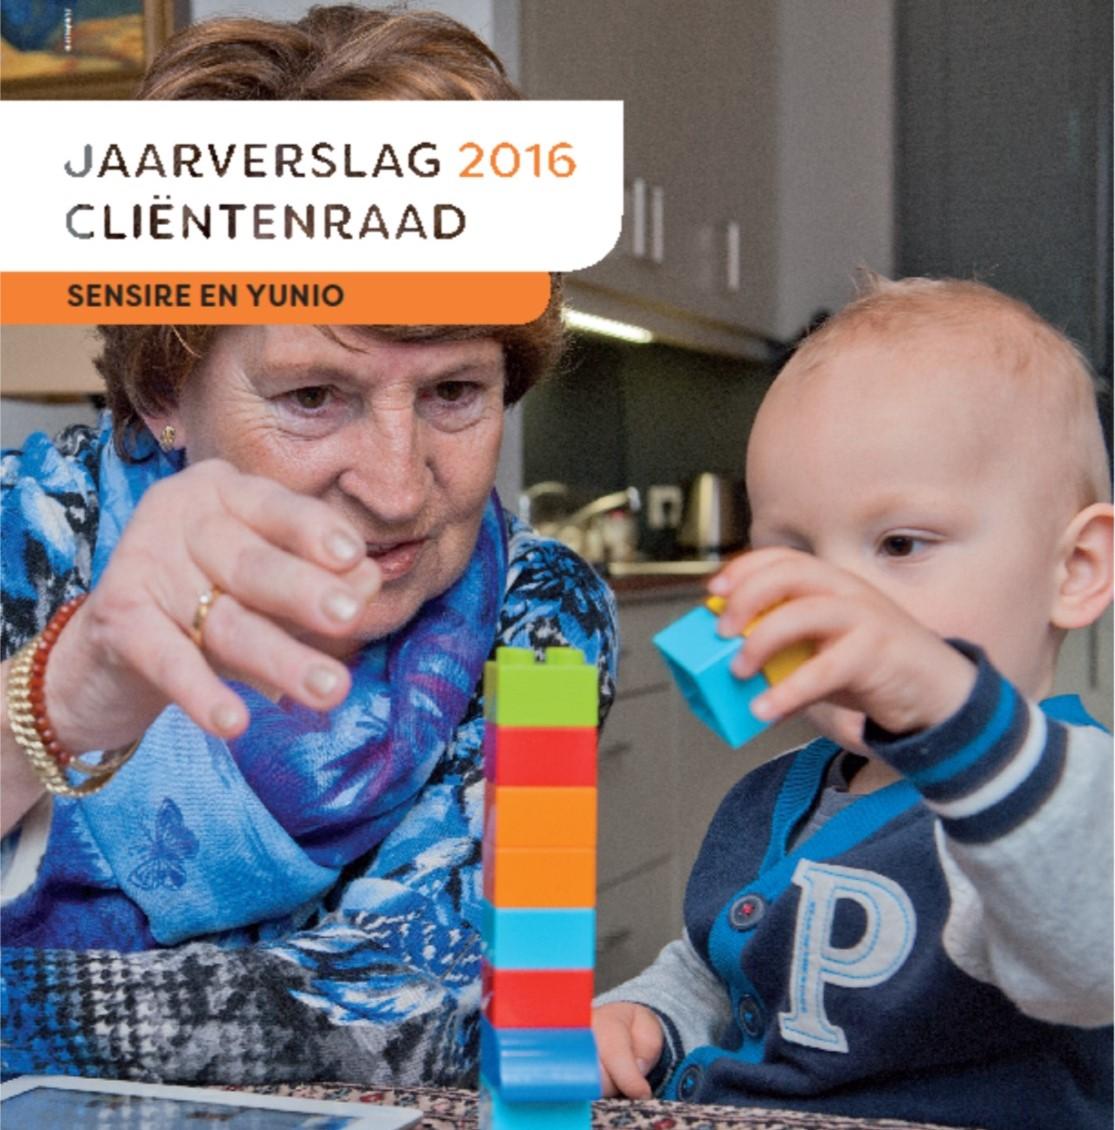 jaarverslag-2016-clientenraad-sensire-en-yunio